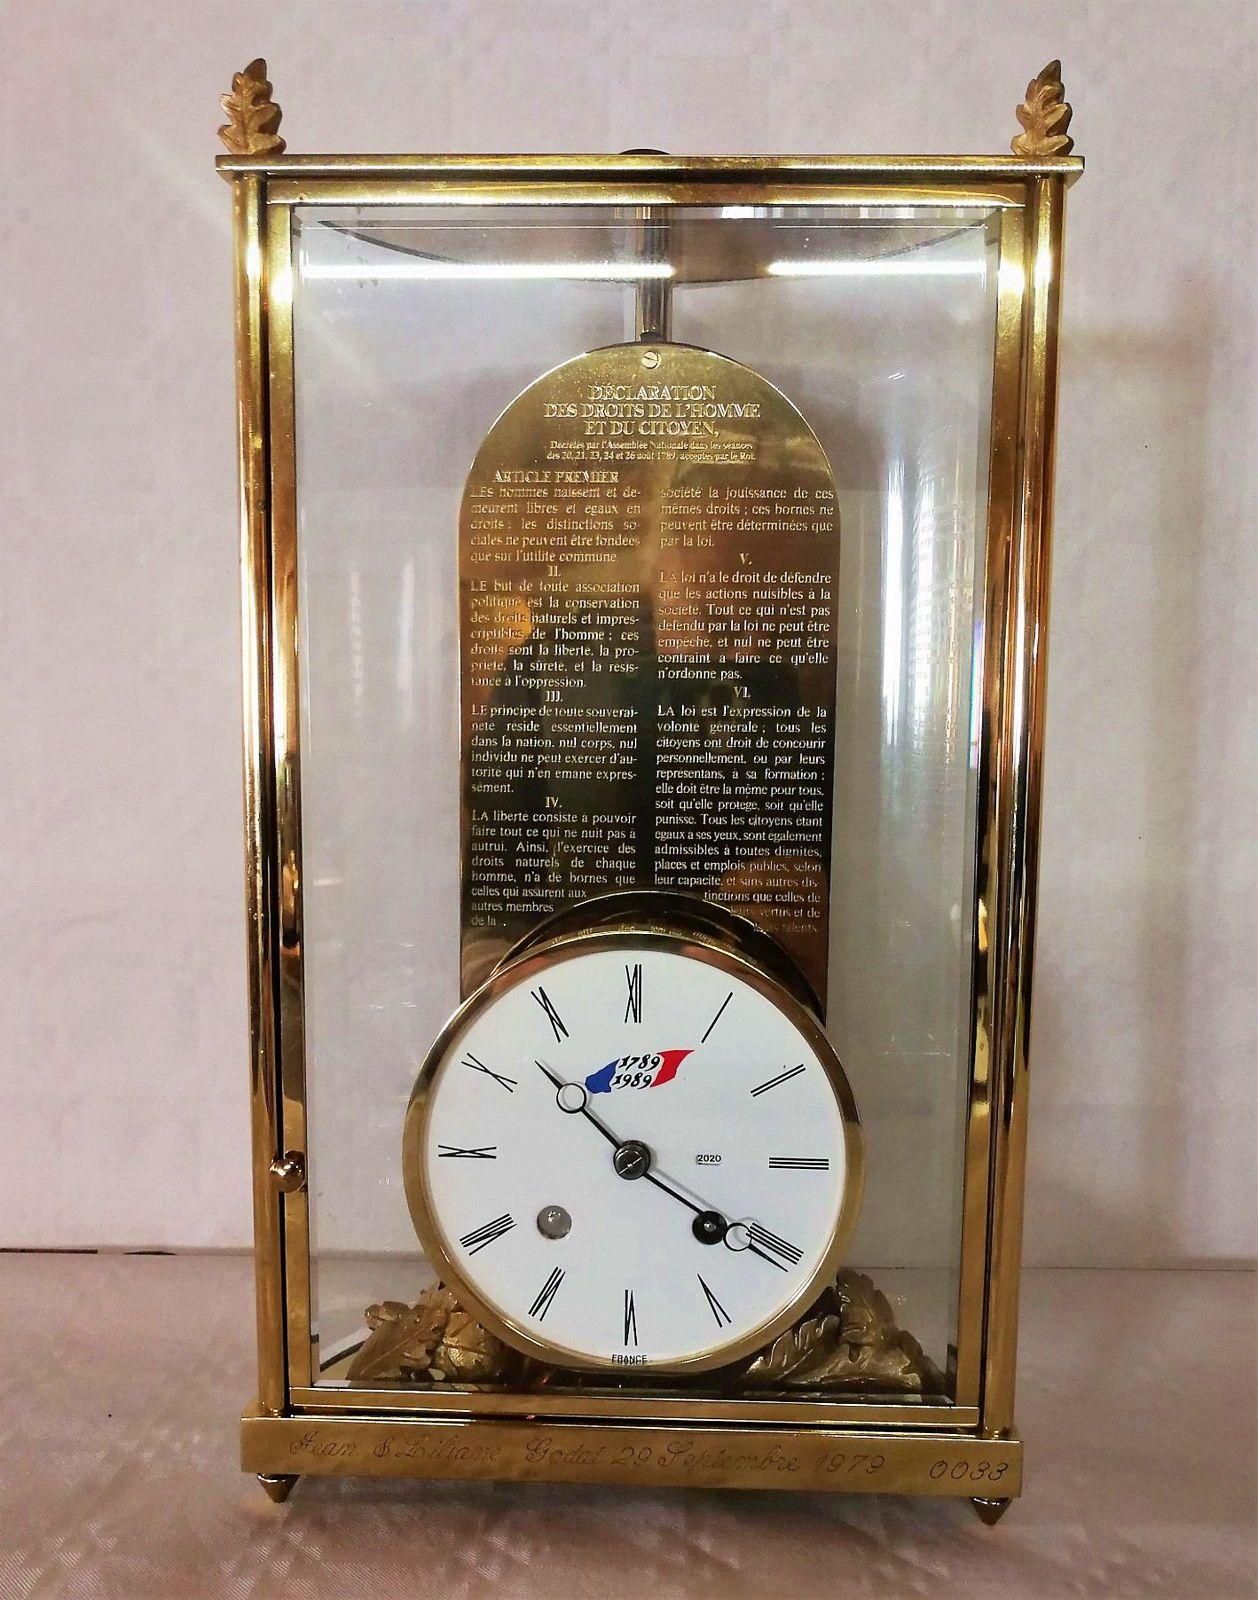 Horloge de Luxe l'Epée, bicentenaire de la révolution, numérotée